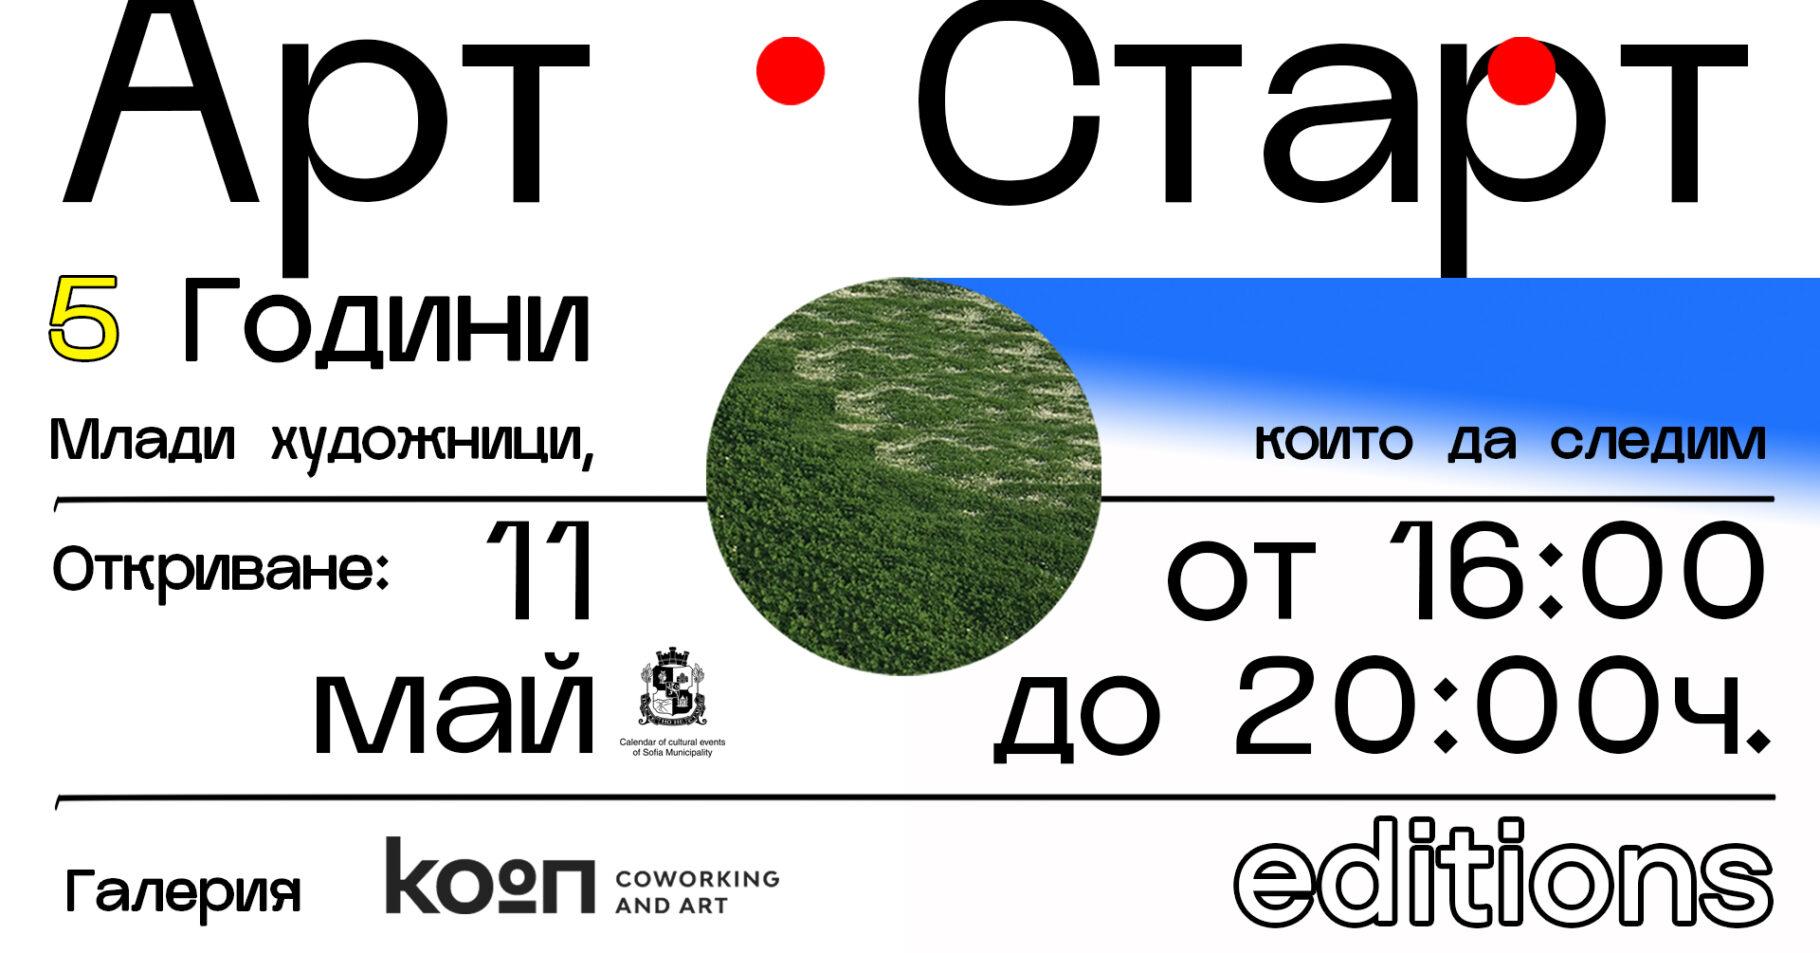 """""""Art Start Editions"""" – Изложба по повод 5 години АРТ СТАРТ"""